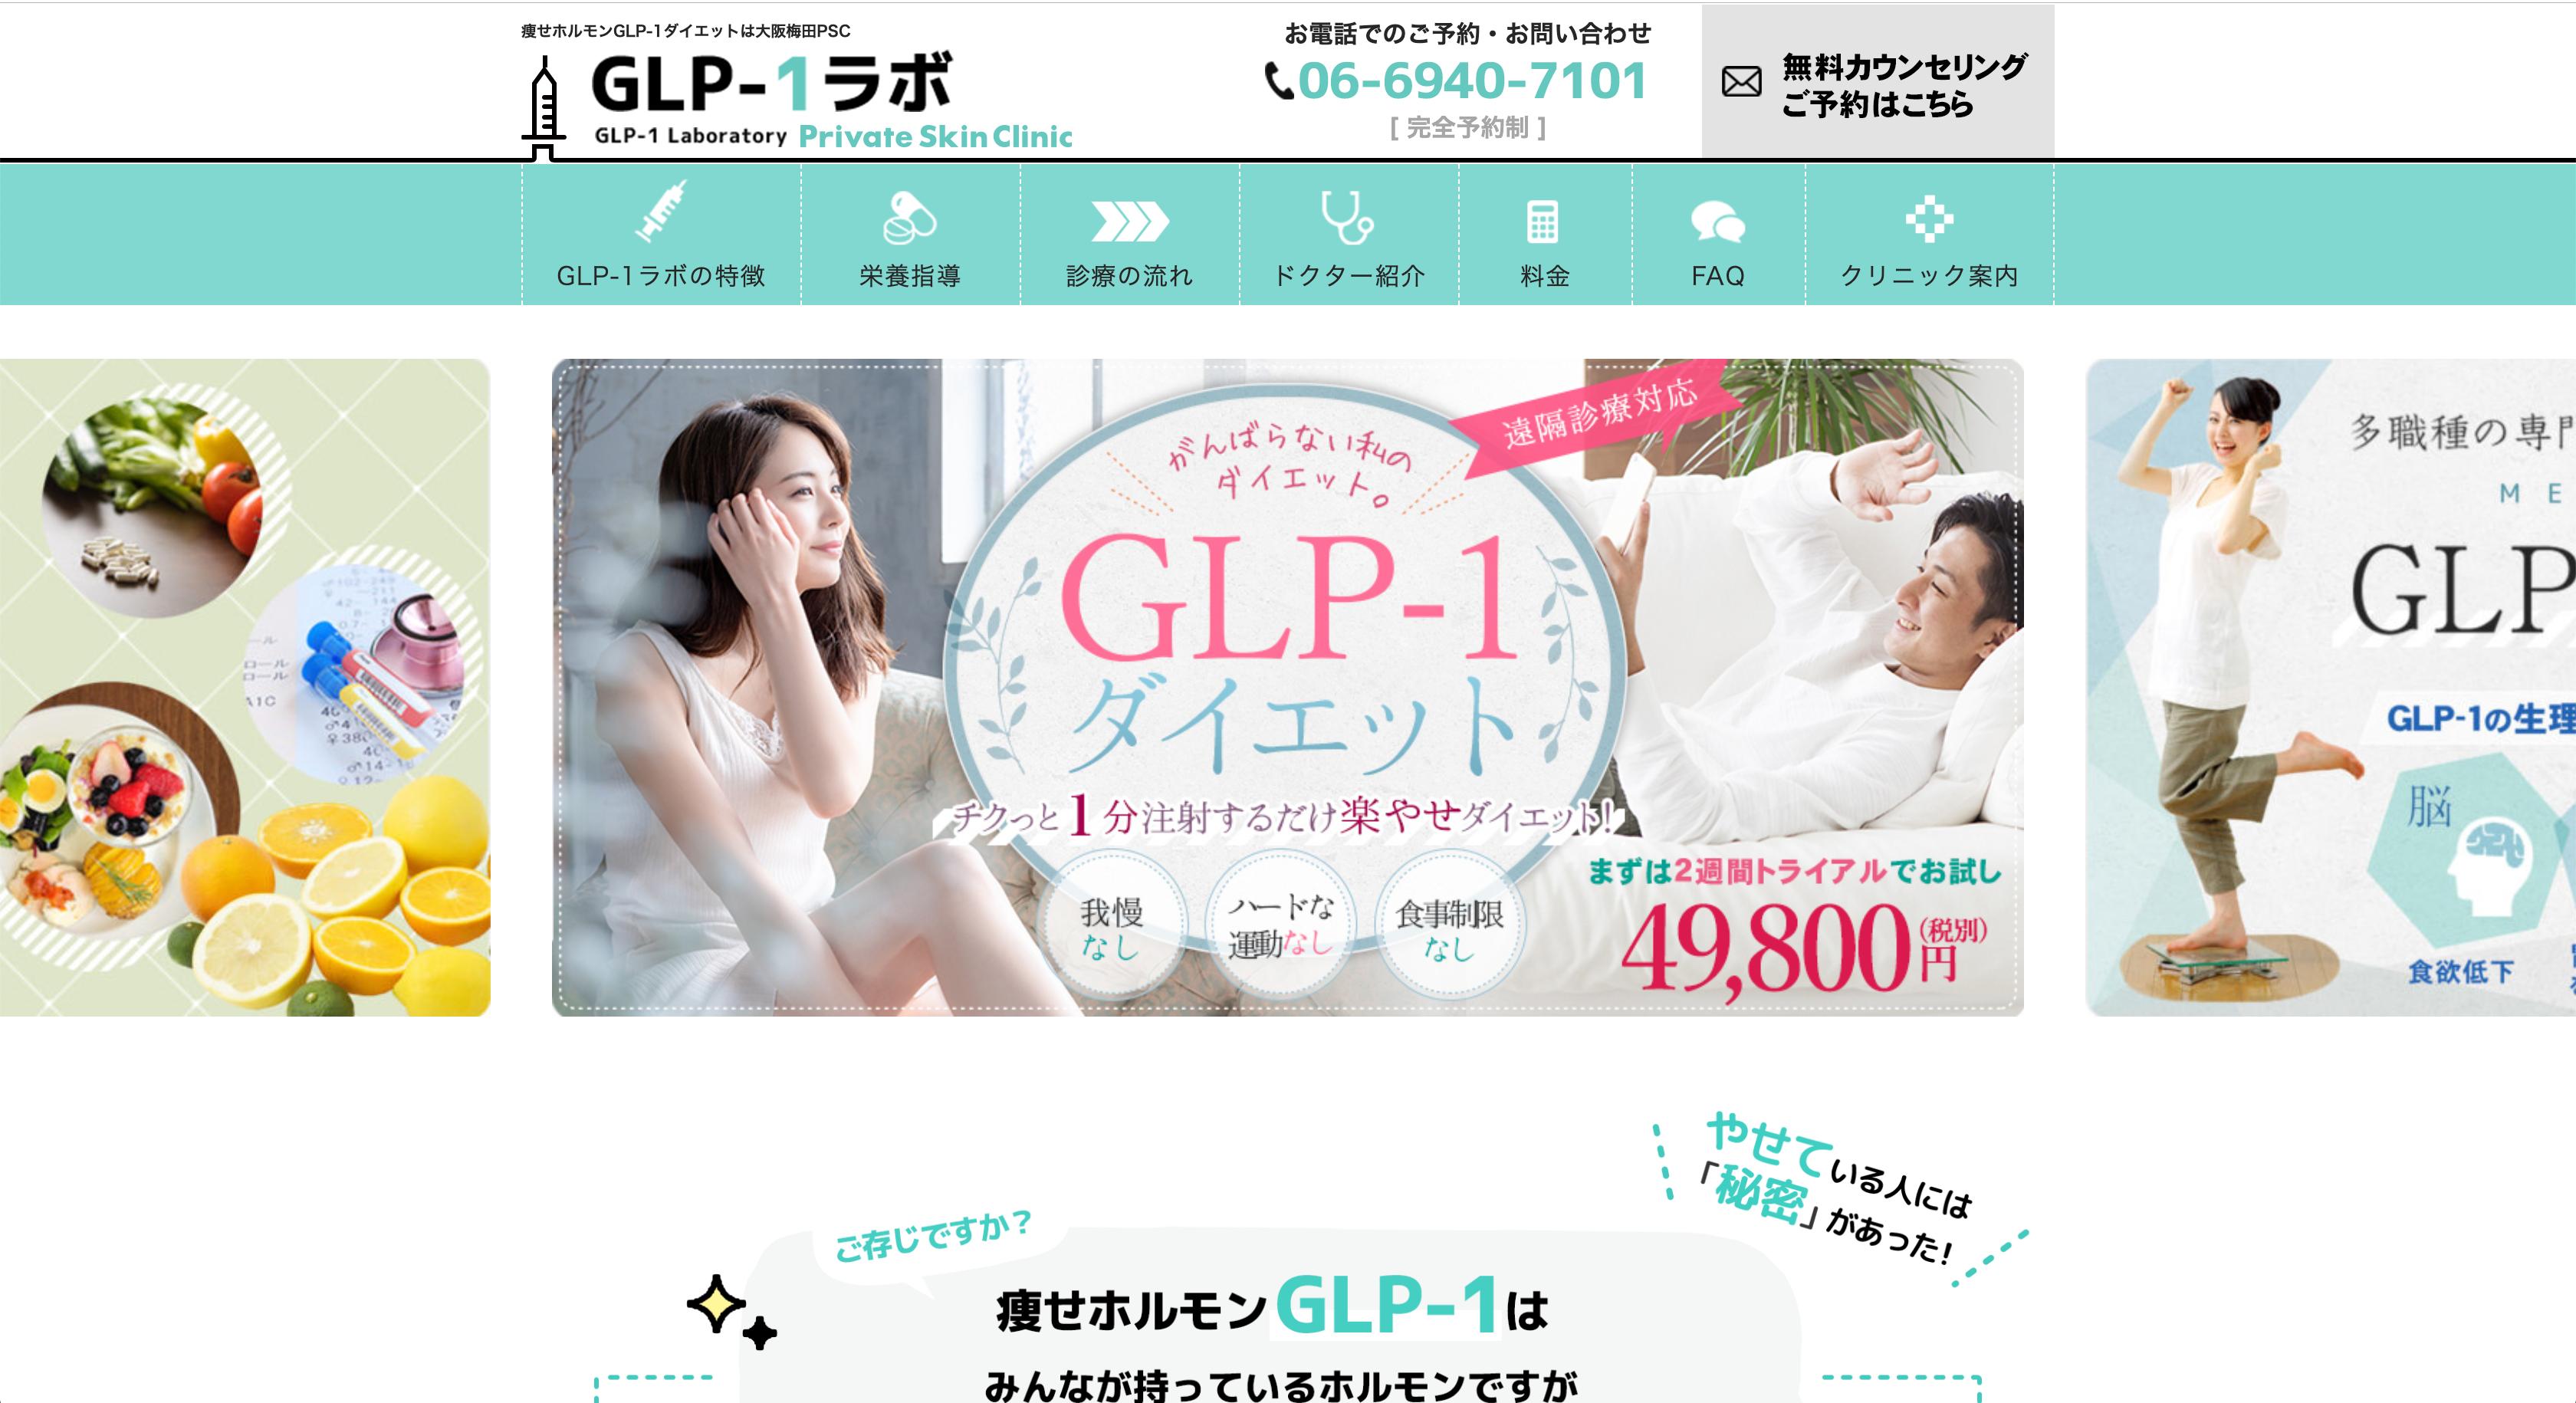 大阪梅田プライベートスキンクリニックのGLP-1ダイエット